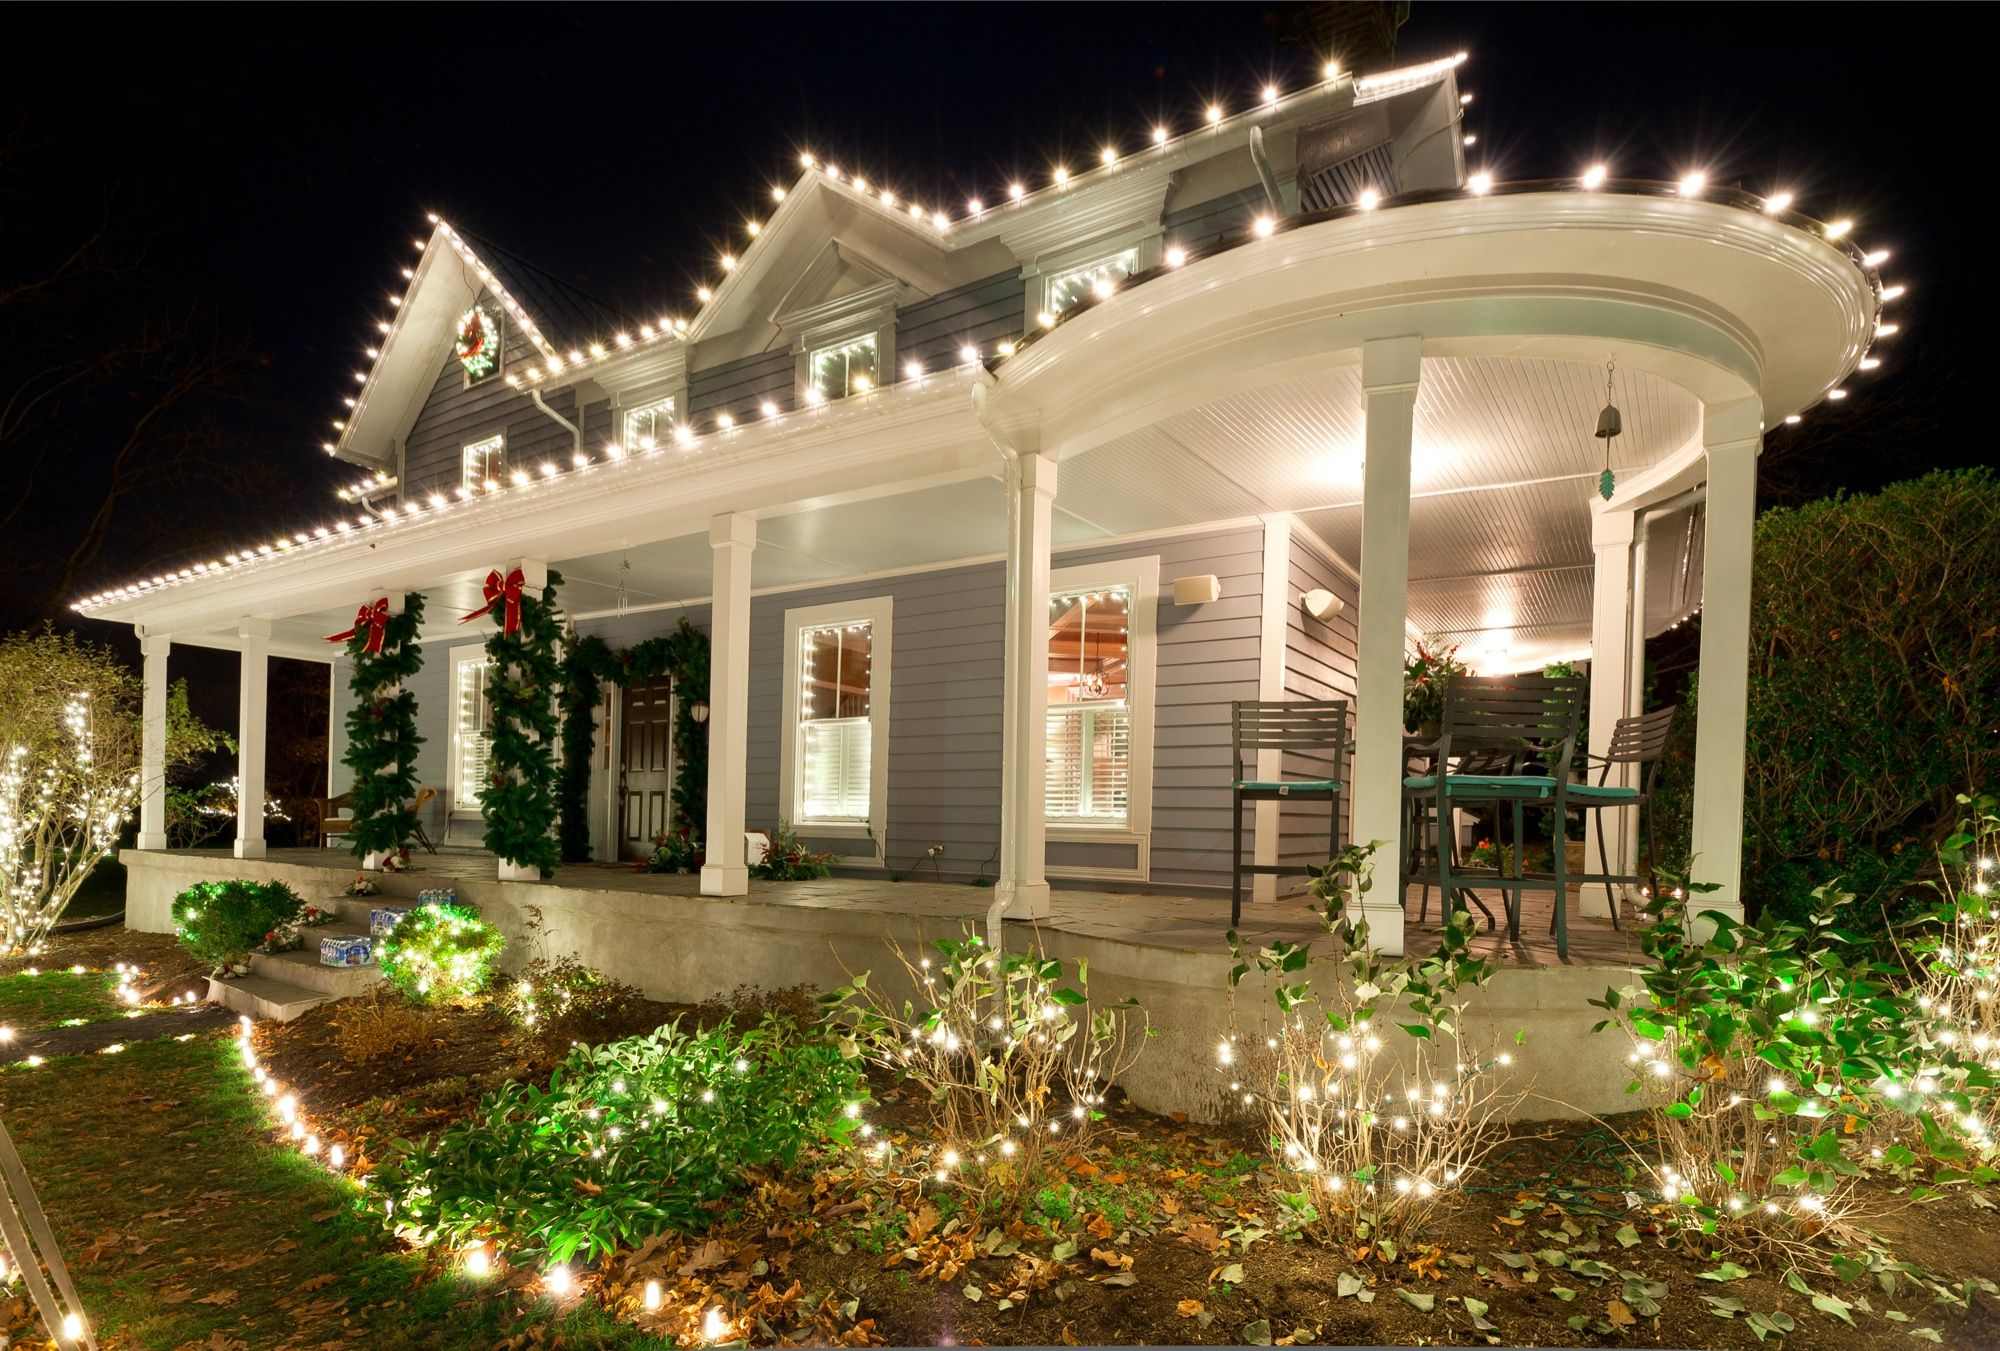 Christmas Lights Wrap Around Porch Christmas house lights